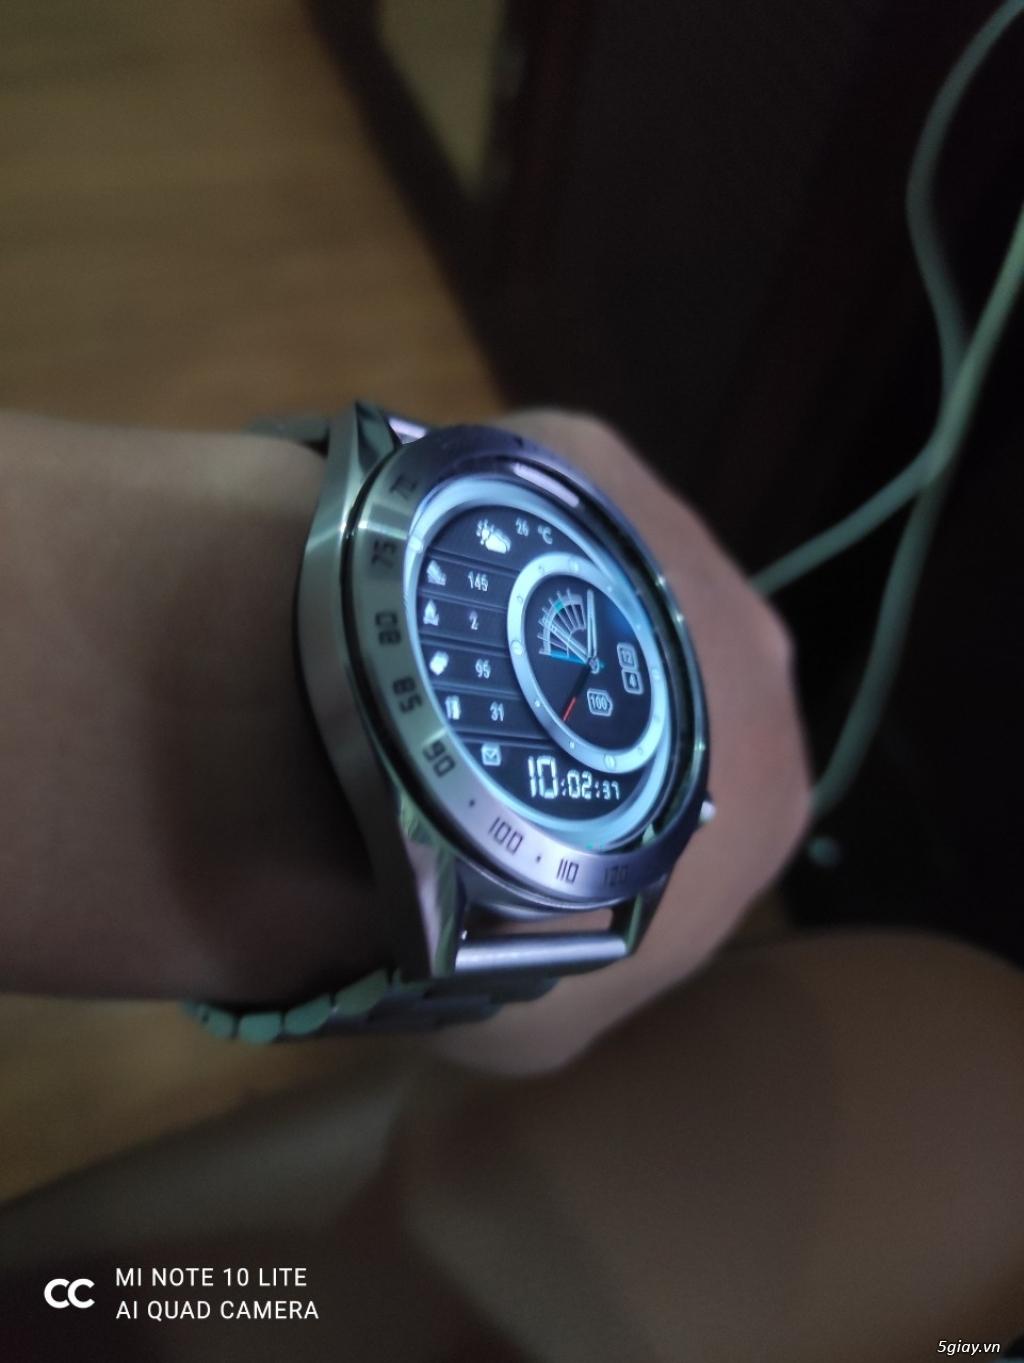 Huawei Watch GT 46mm Bản Classic dây thép fullbox- Samsung Fit trắng - 2